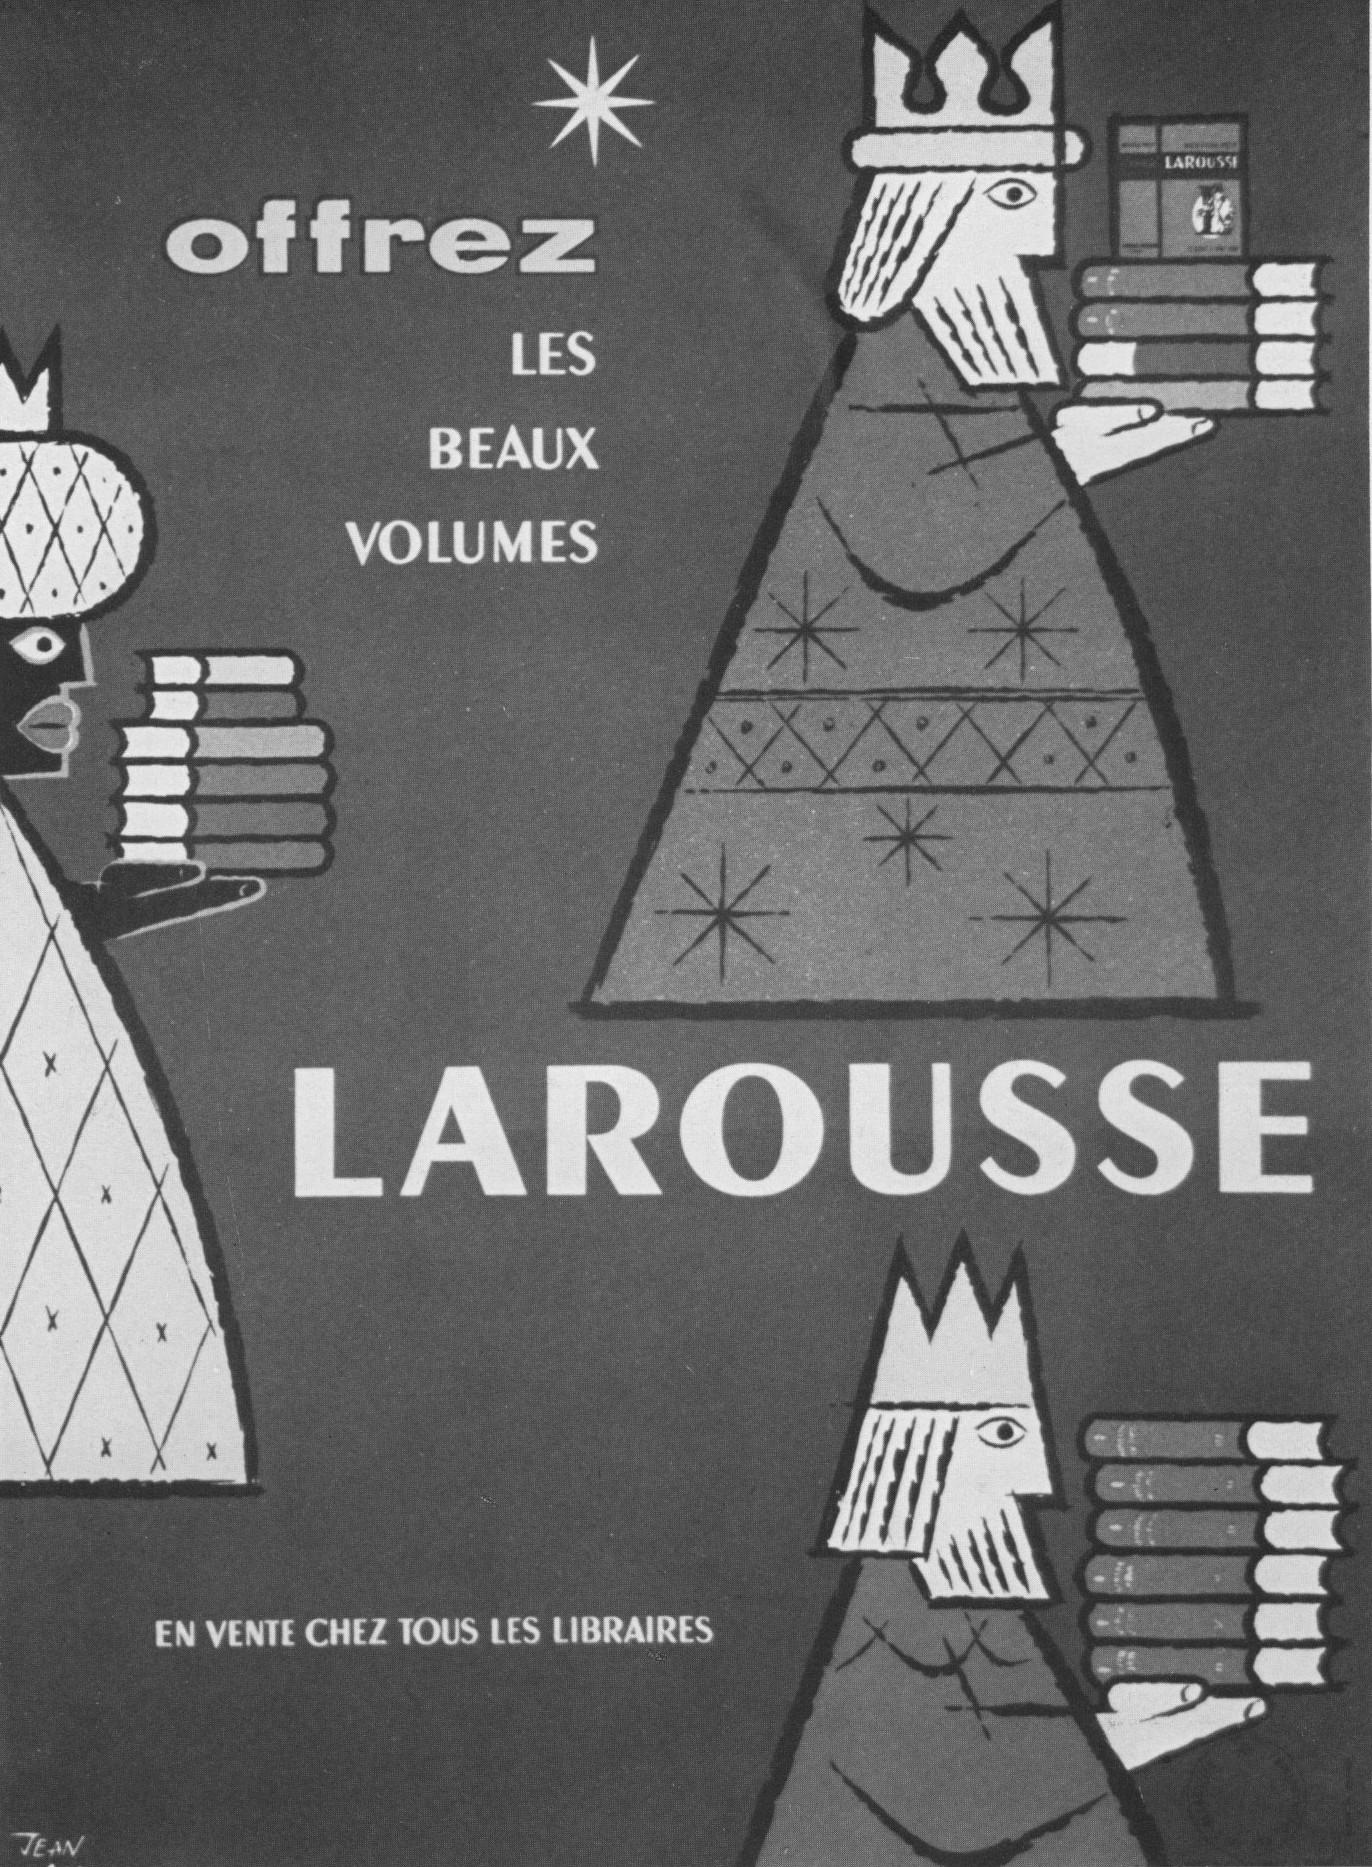 Publicite 1950 1965 36